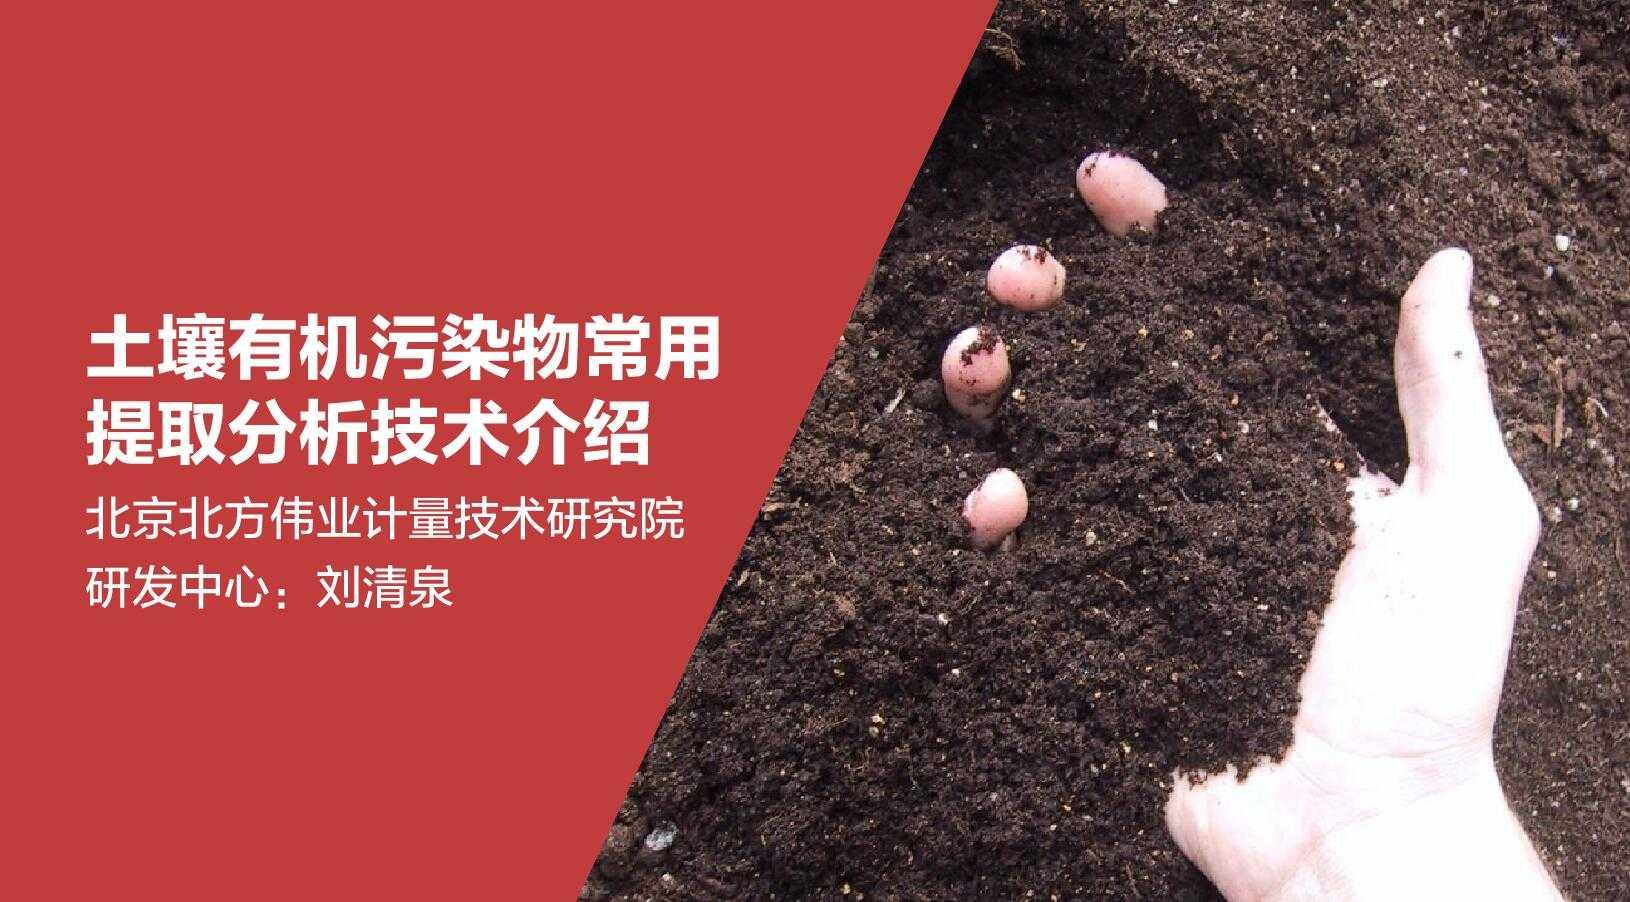 土壤有机污染物常用提取分析技术介绍-奥科讲堂-标准物质网